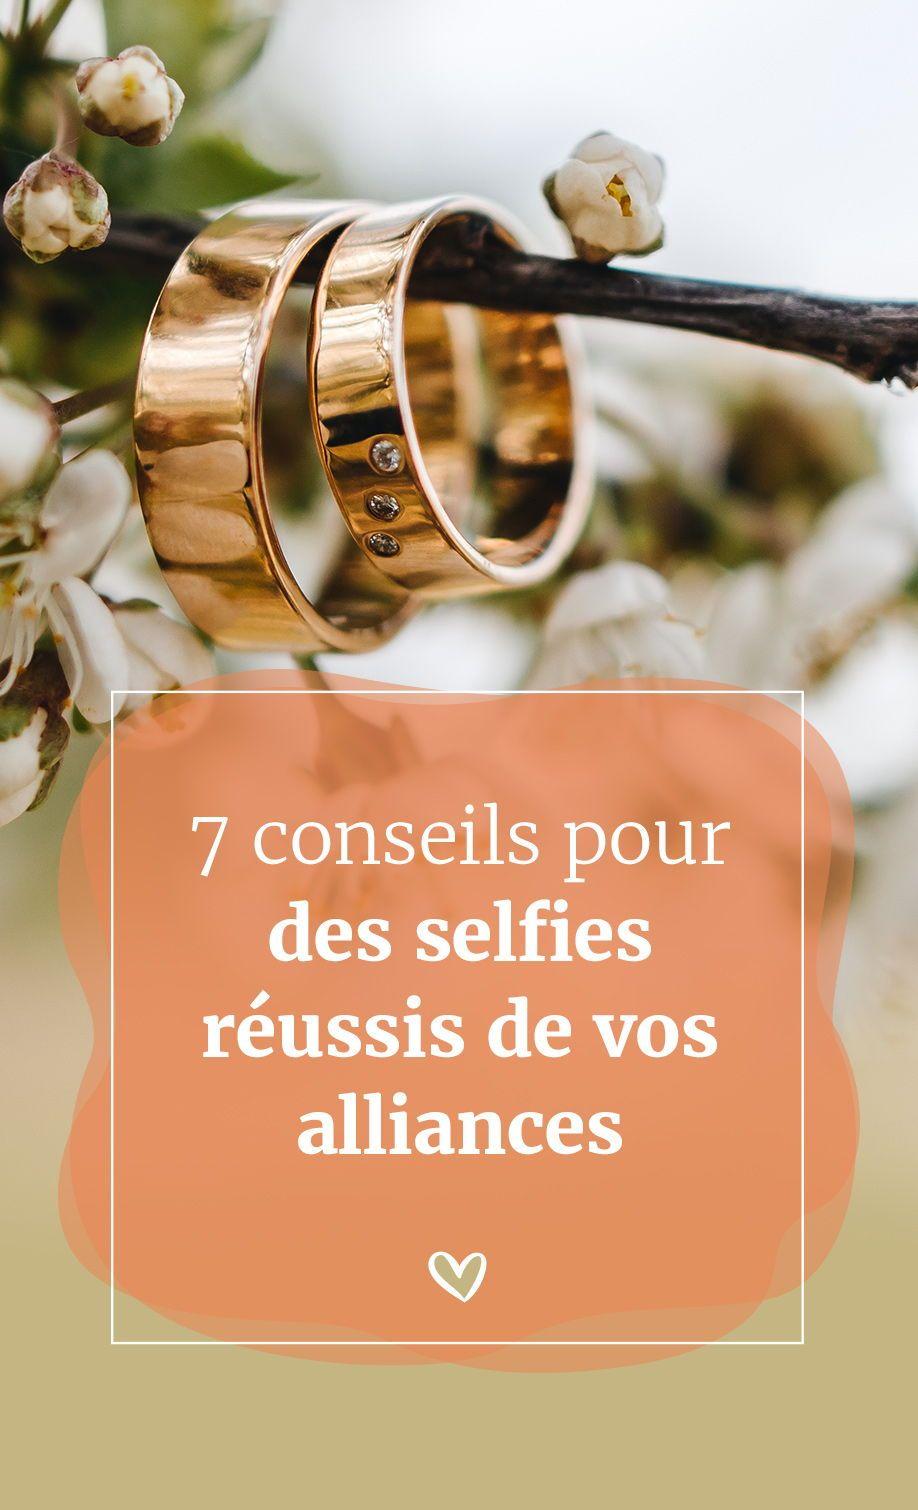 7 conseils pour des selfies réussis de vos alliances